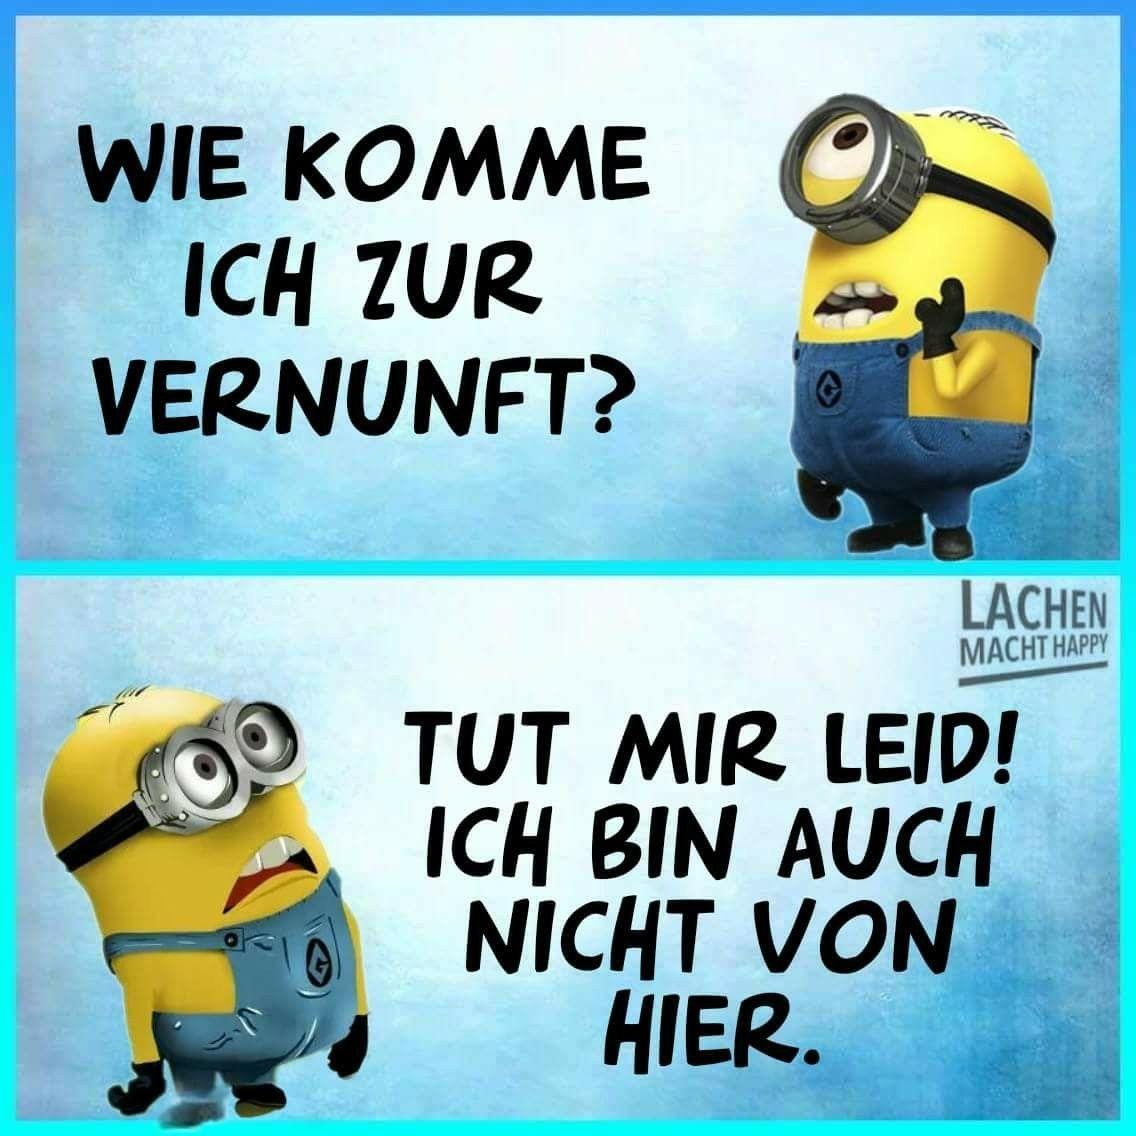 Pin By Patricia Oosterveen On Humor Witze Humor Bilder Sprüche